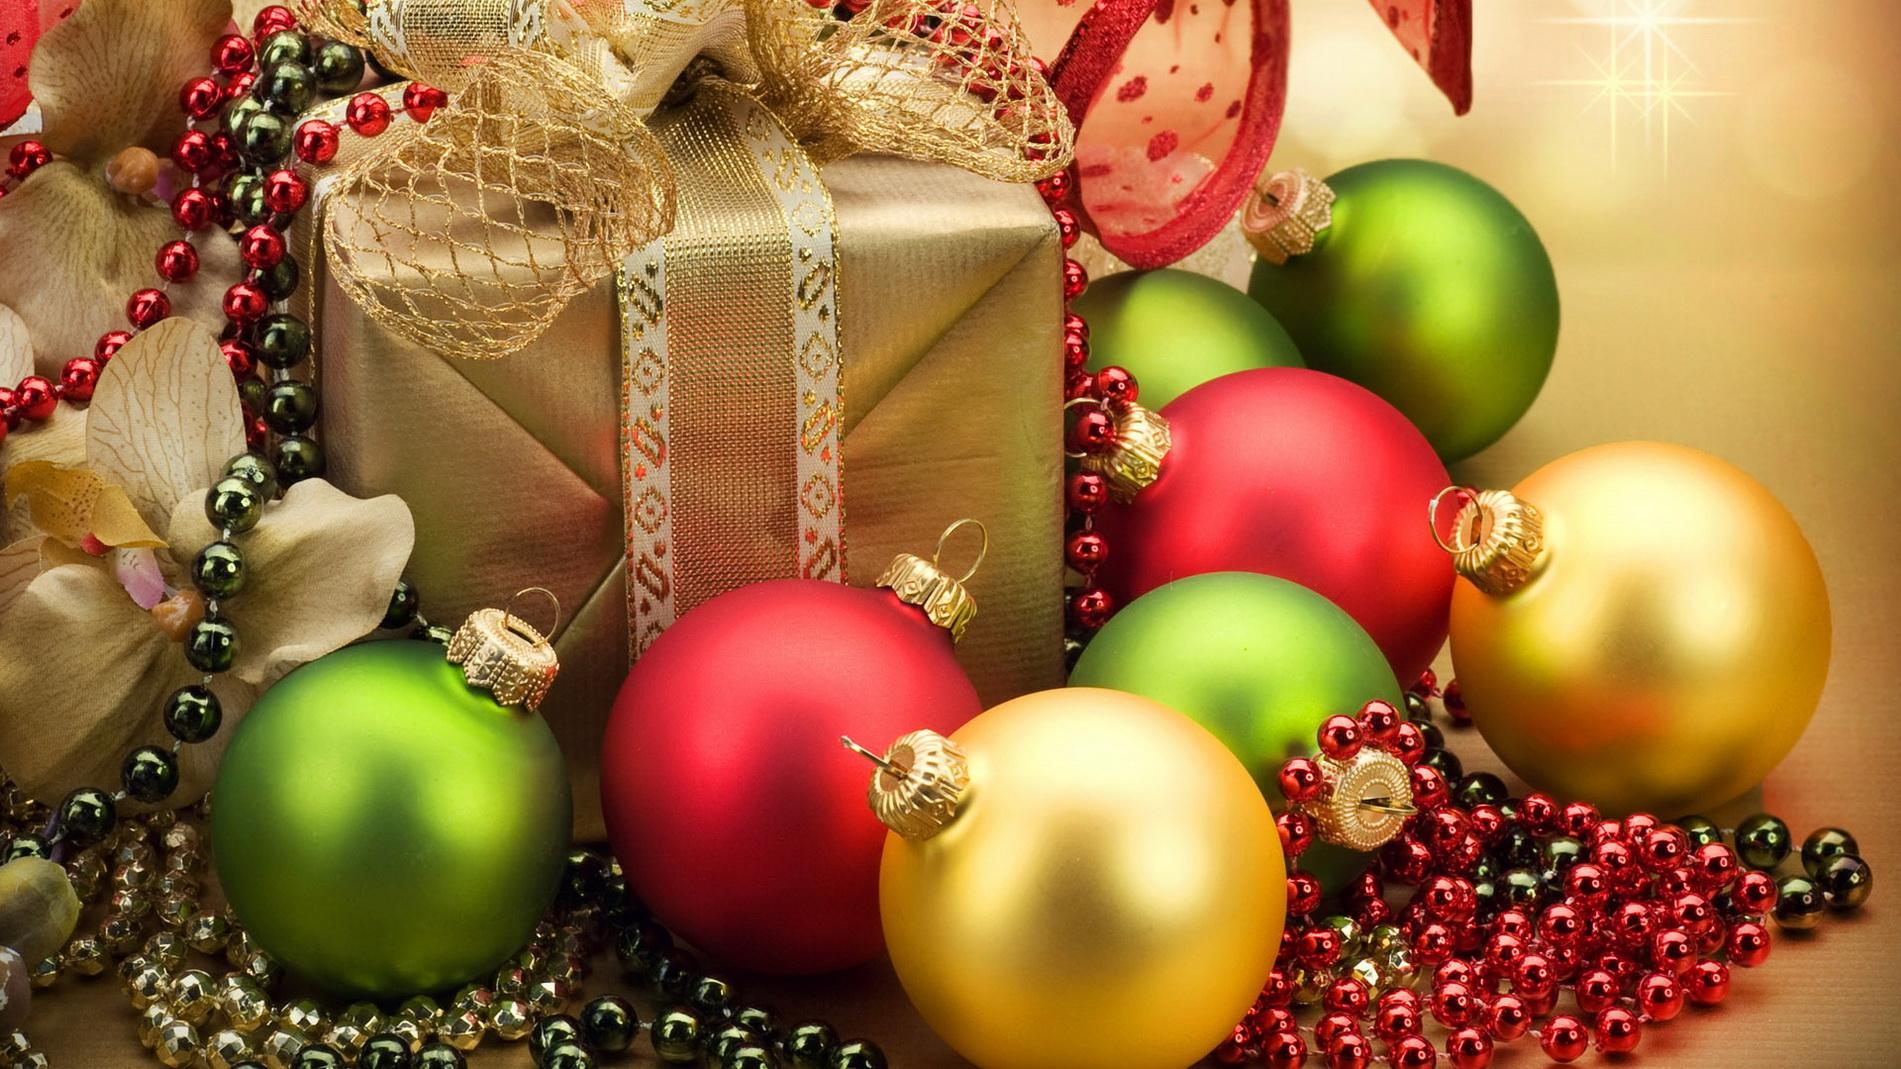 игрушки и поздравления к новому году одной святозерских